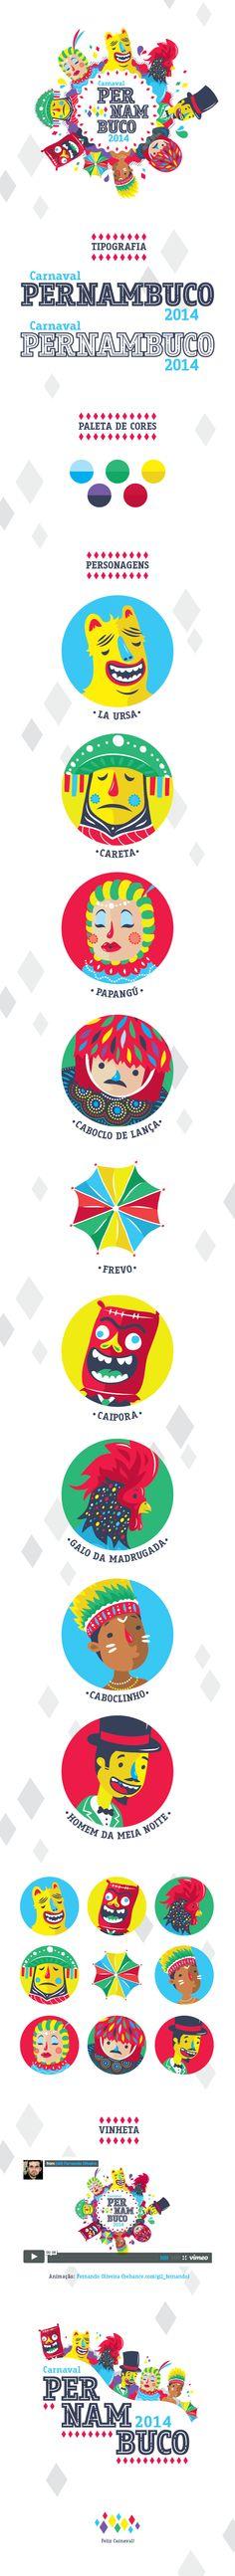 Carnaval Pernambuco